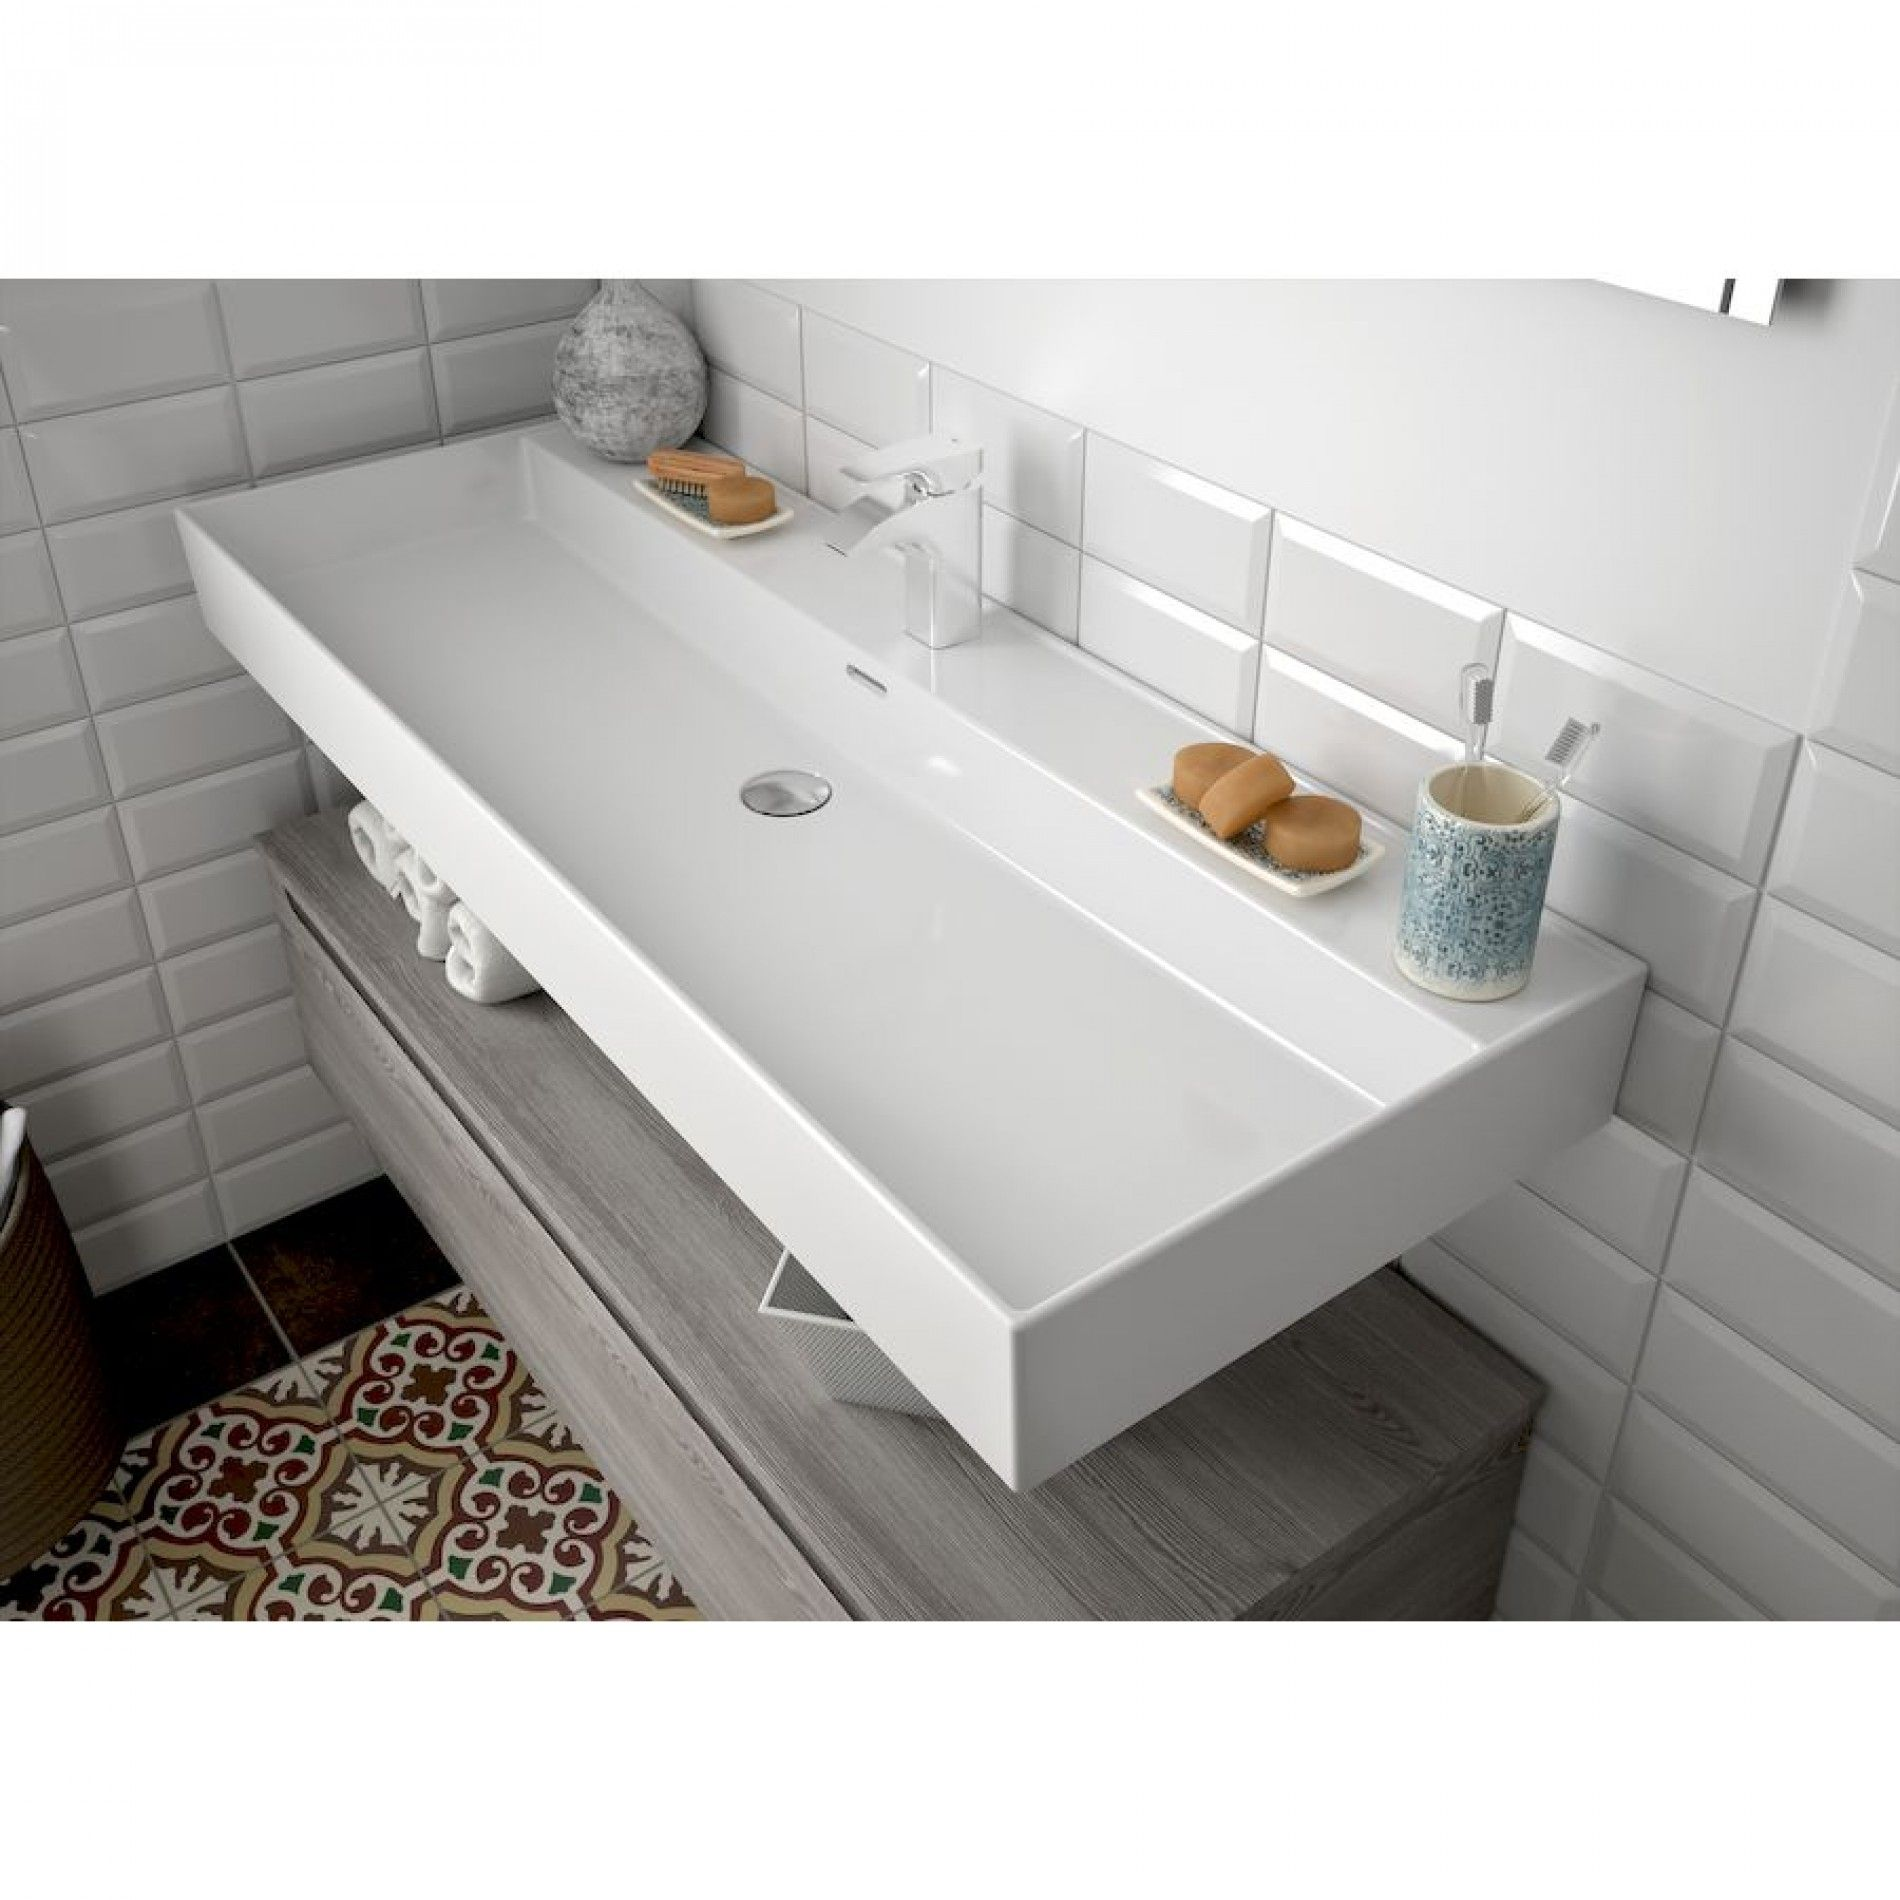 Muebles Veneto keramische wastafel 120x46cm met 1 kraangat wit